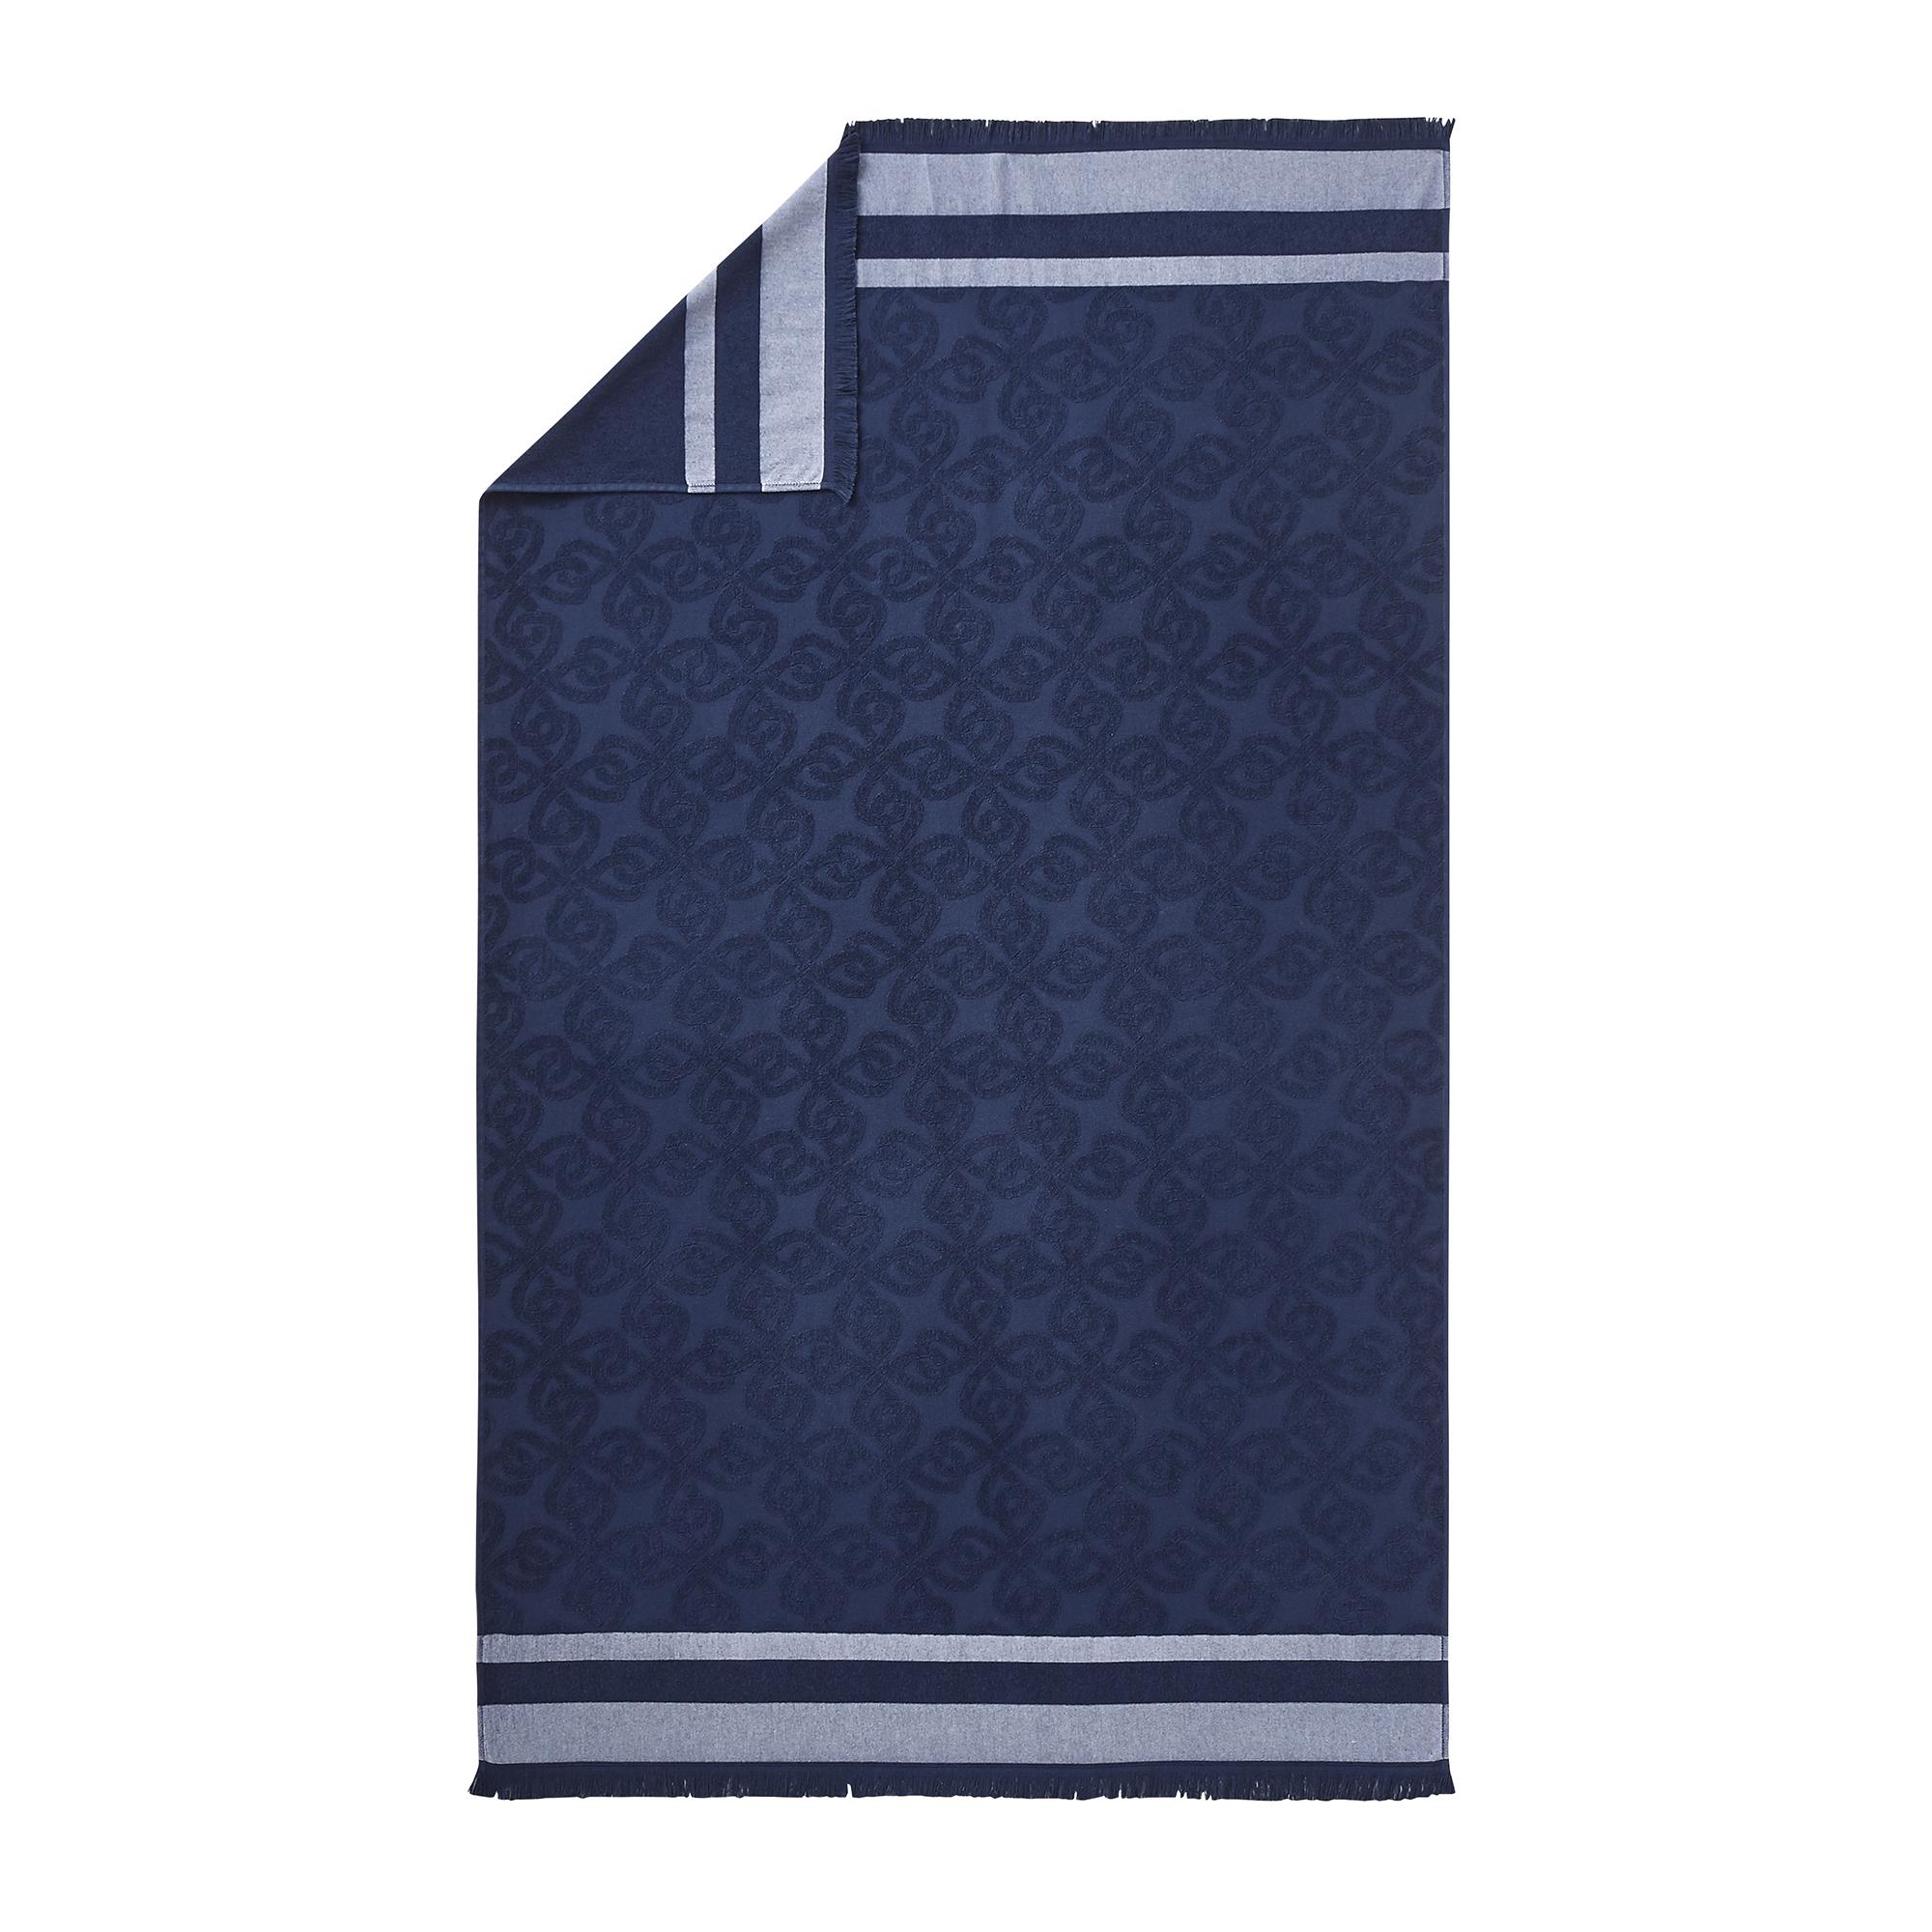 Drap de plage en coton bleu marine 100x180